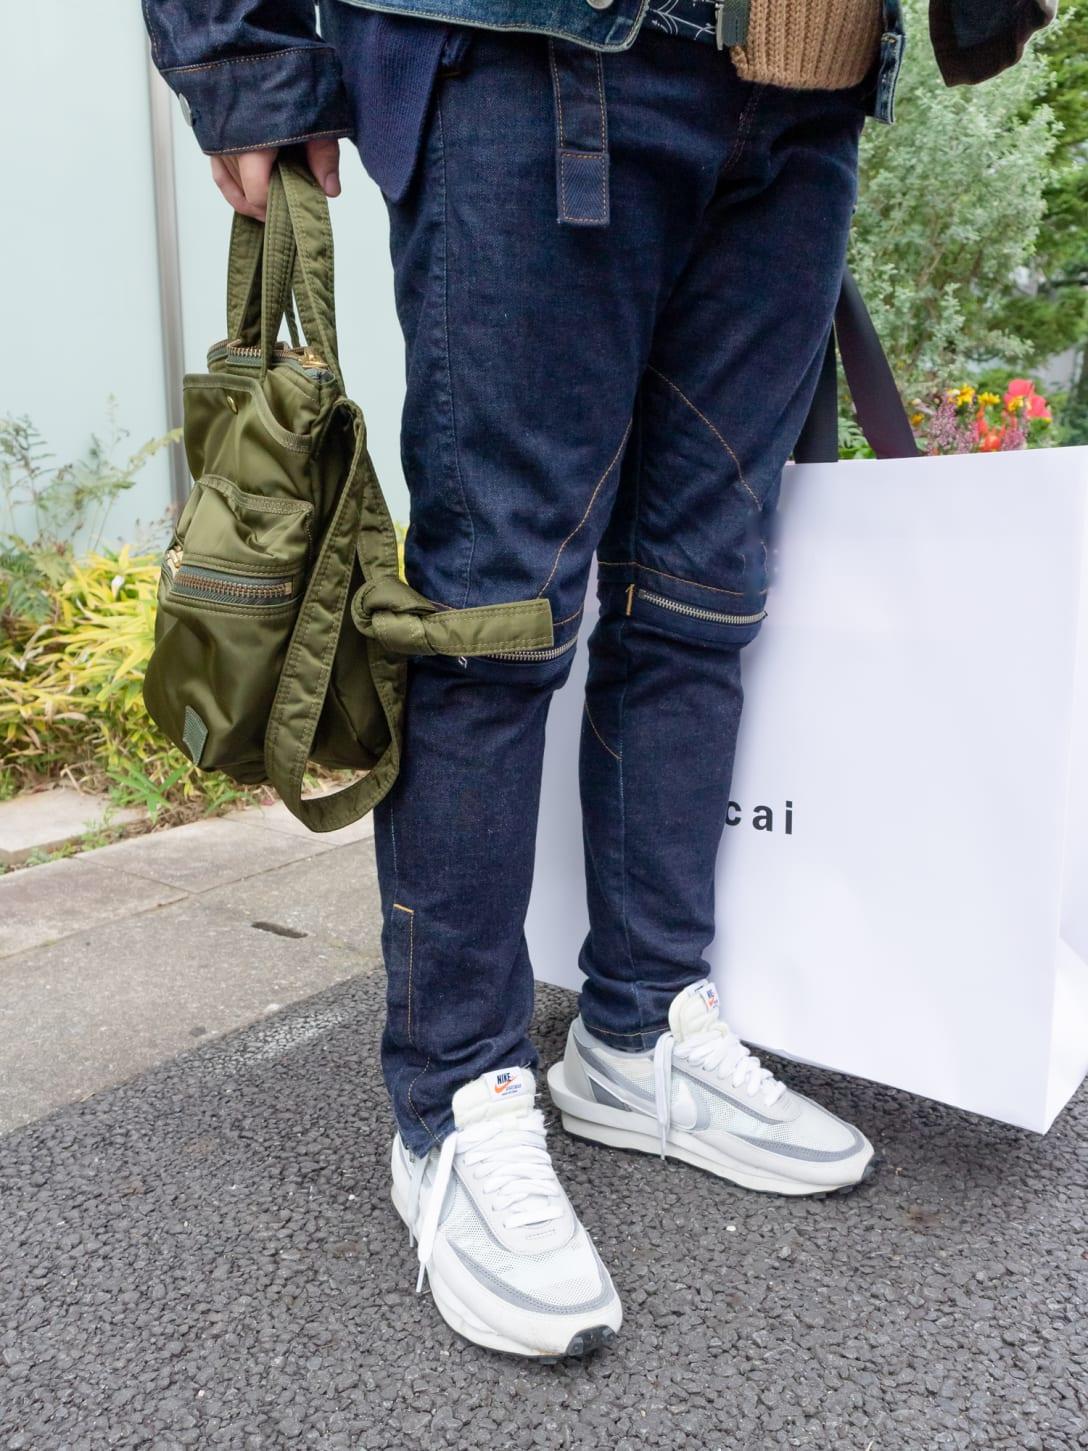 パンツとバッグもサカイのアイテム